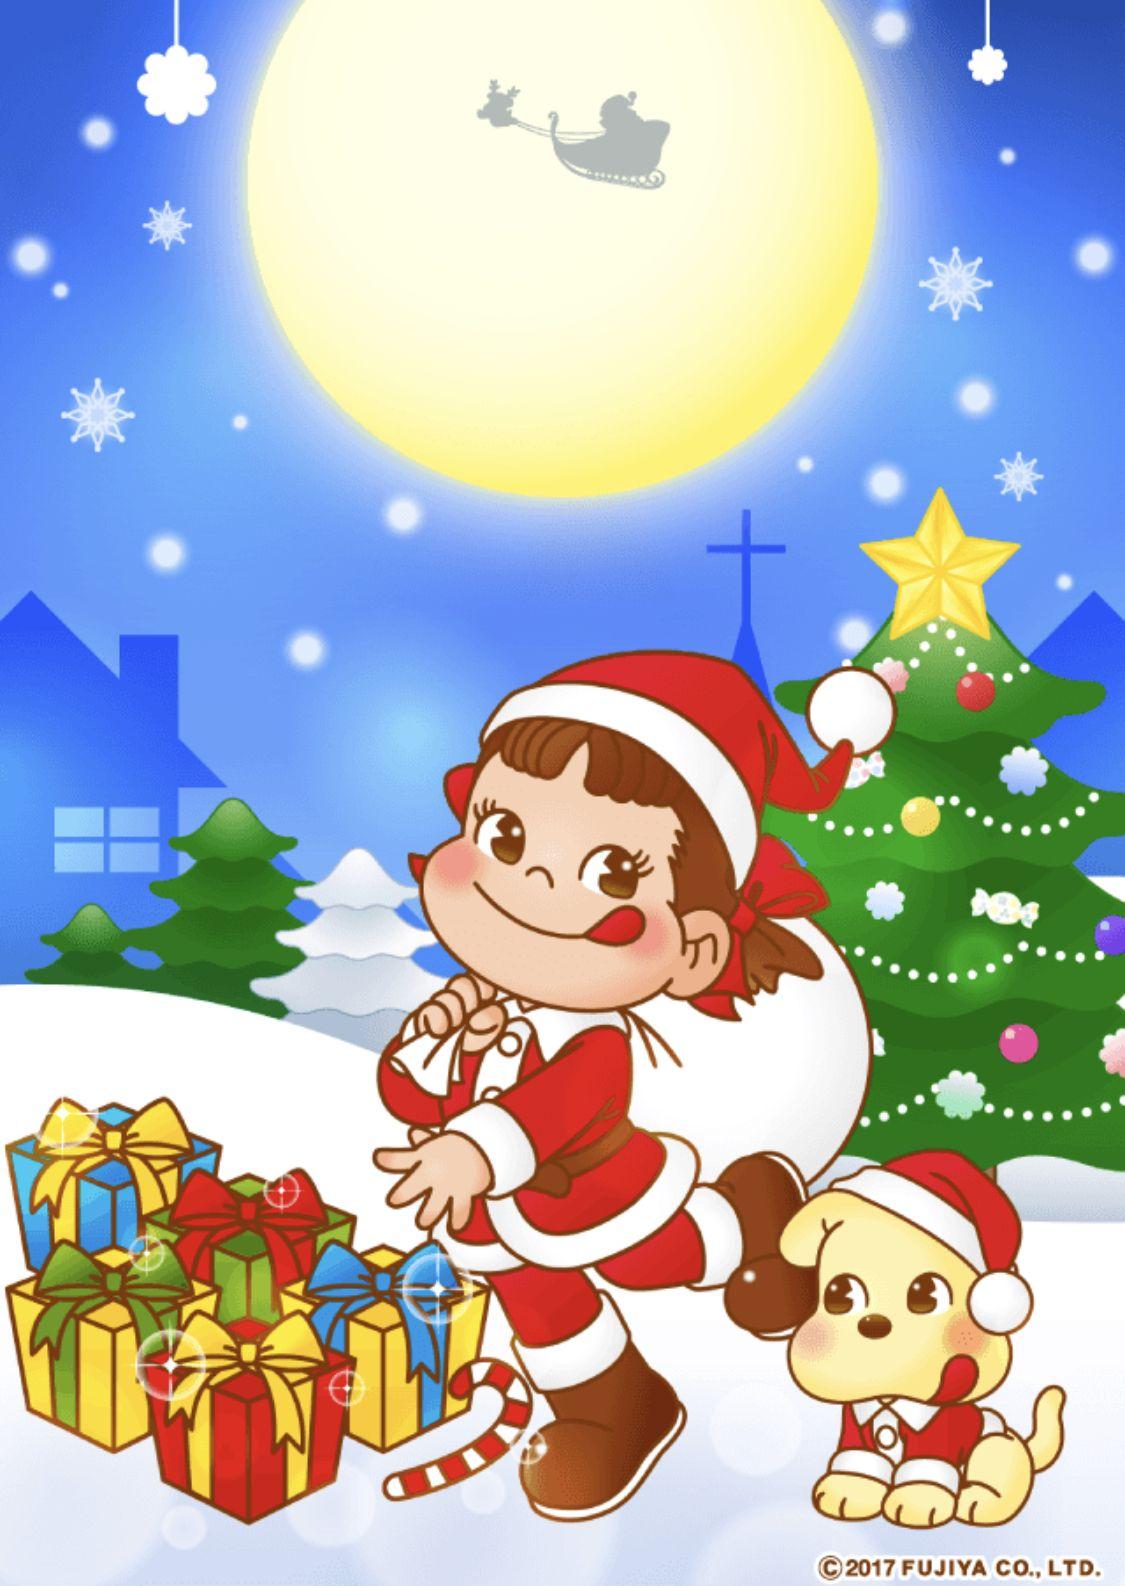 Art おしゃれまとめの人気アイデア Pinterest 黃秋鳳 クリスマスの壁紙 ぺこちゃん 壁紙